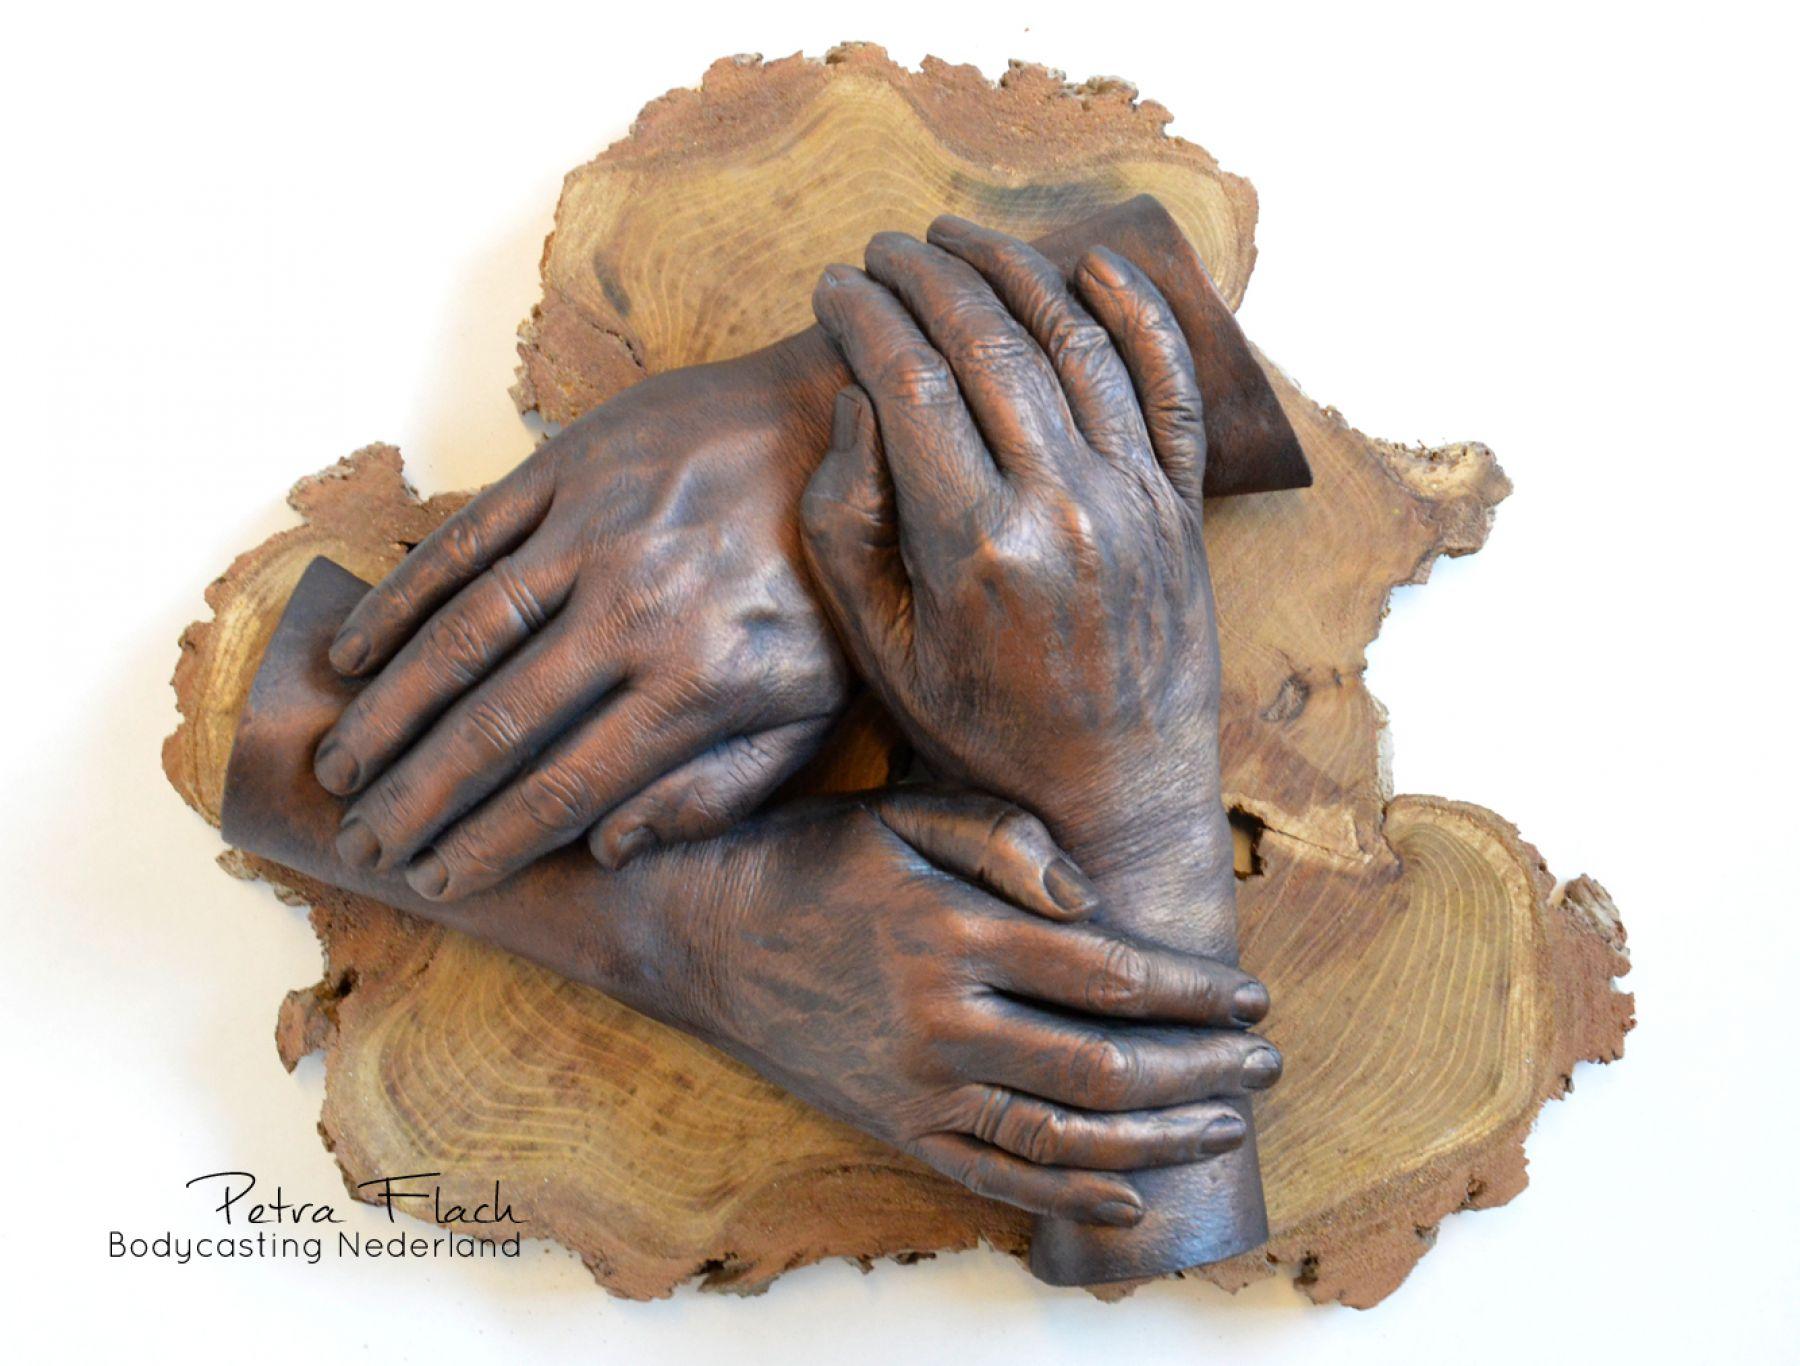 Bodycasting-lifecasting-handbeeld-handen-beeld-krans-handenkrans-petraflach-memorial-aandenken-circleoflife-kunst-art-gips